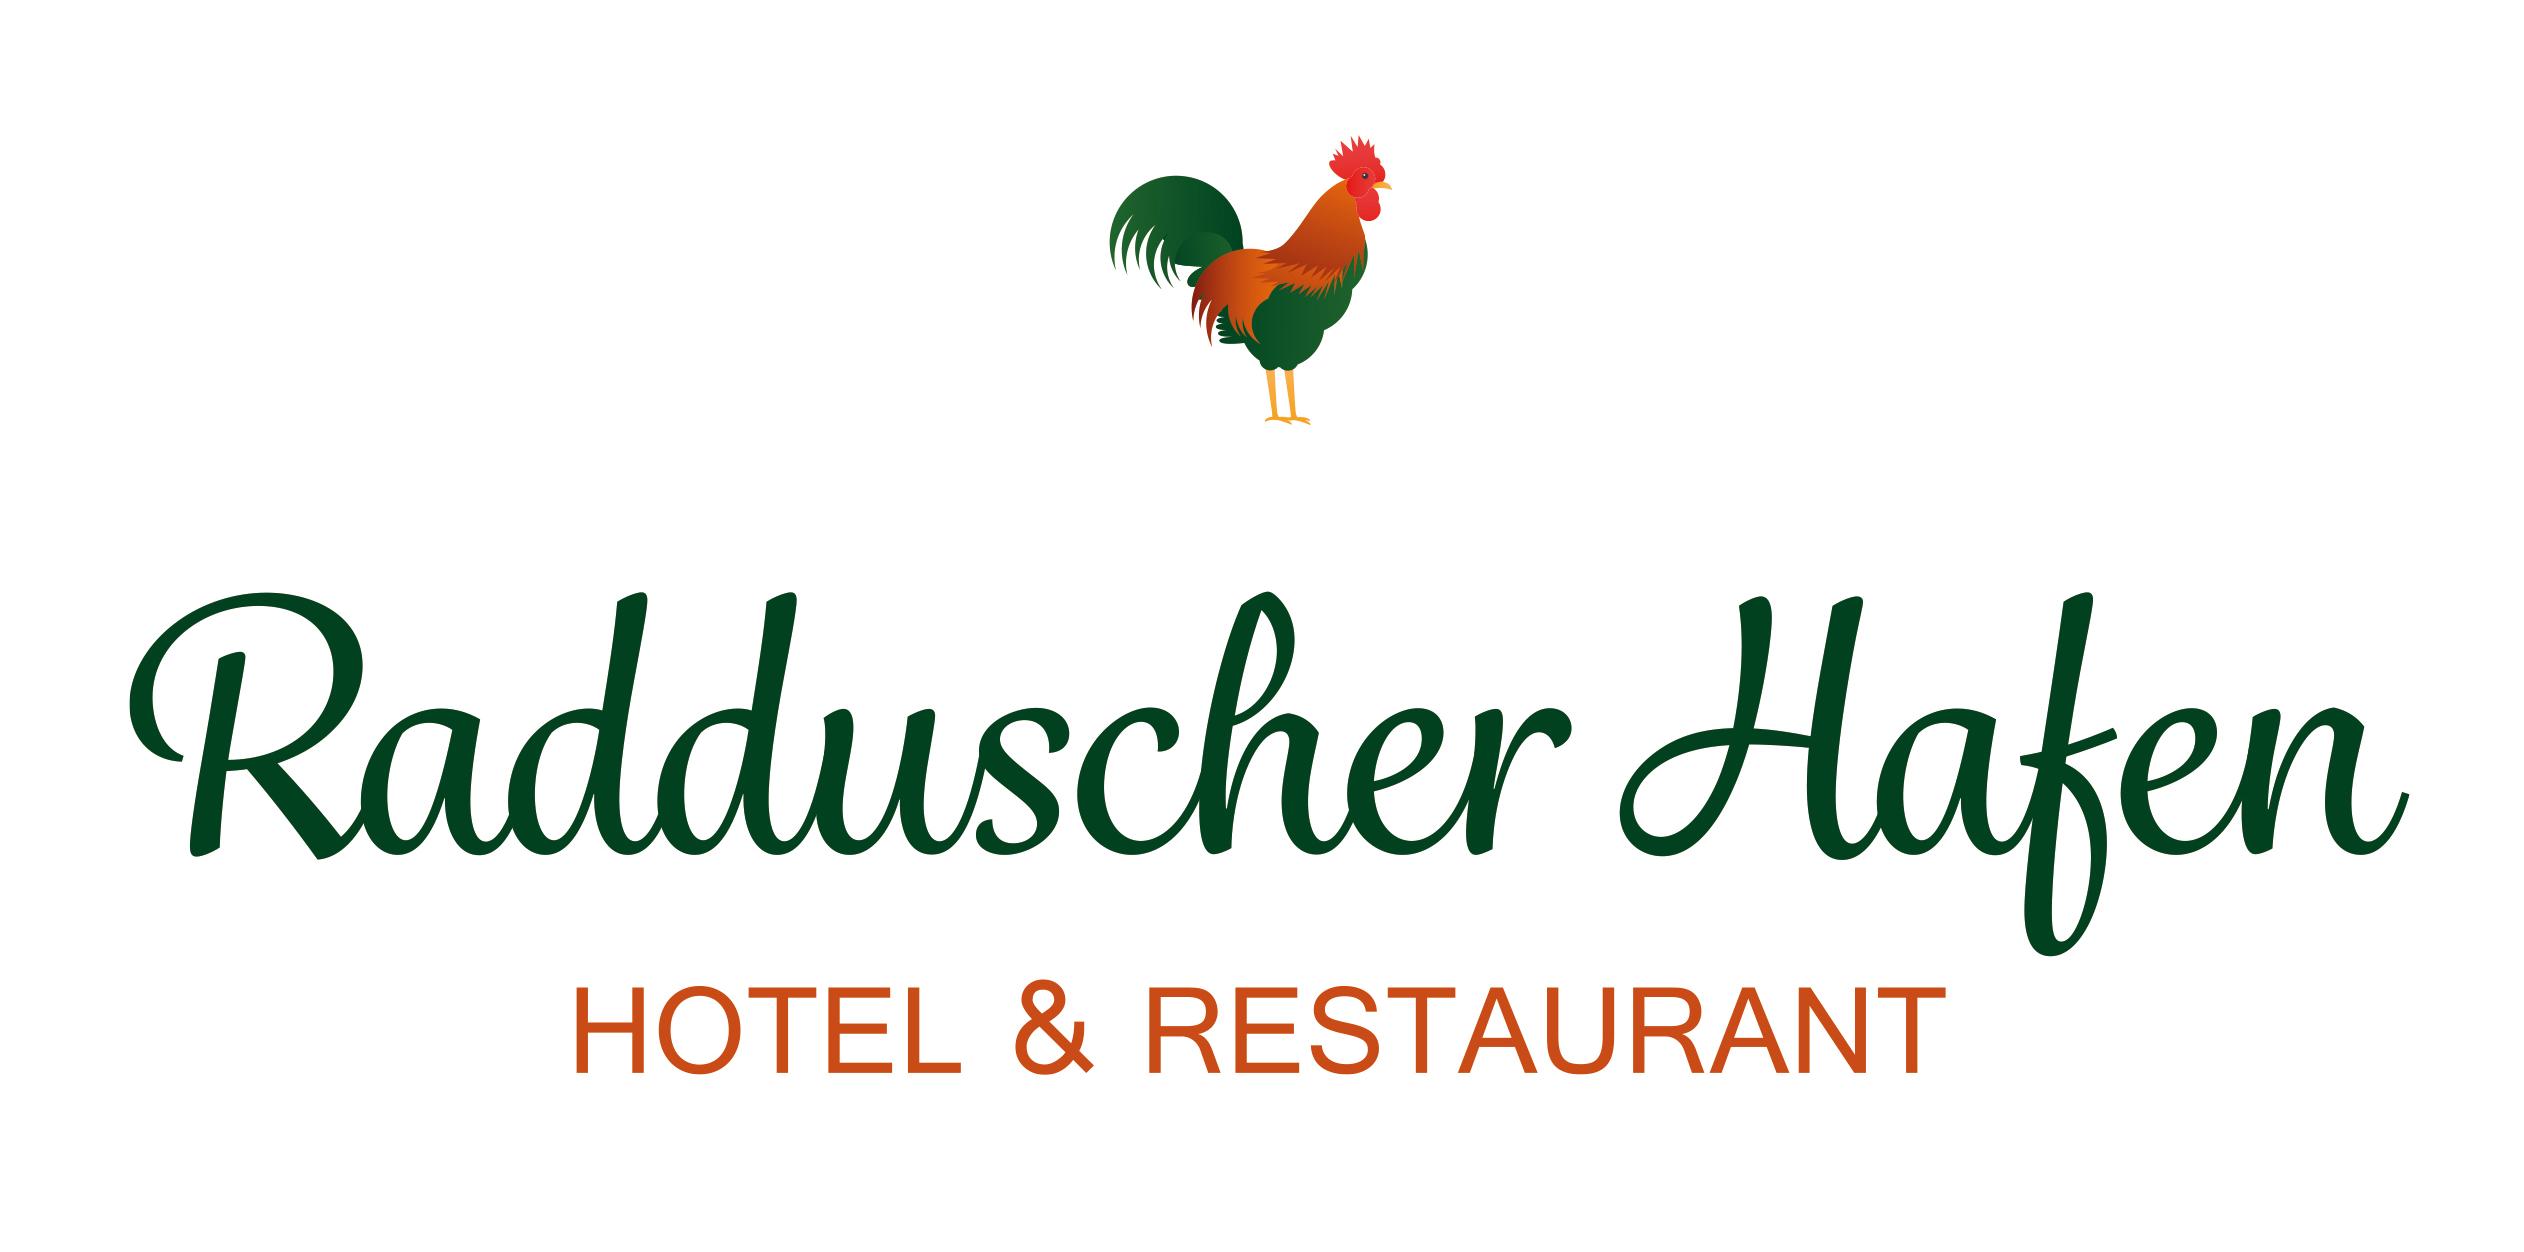 Hotel Radduscher Hafen